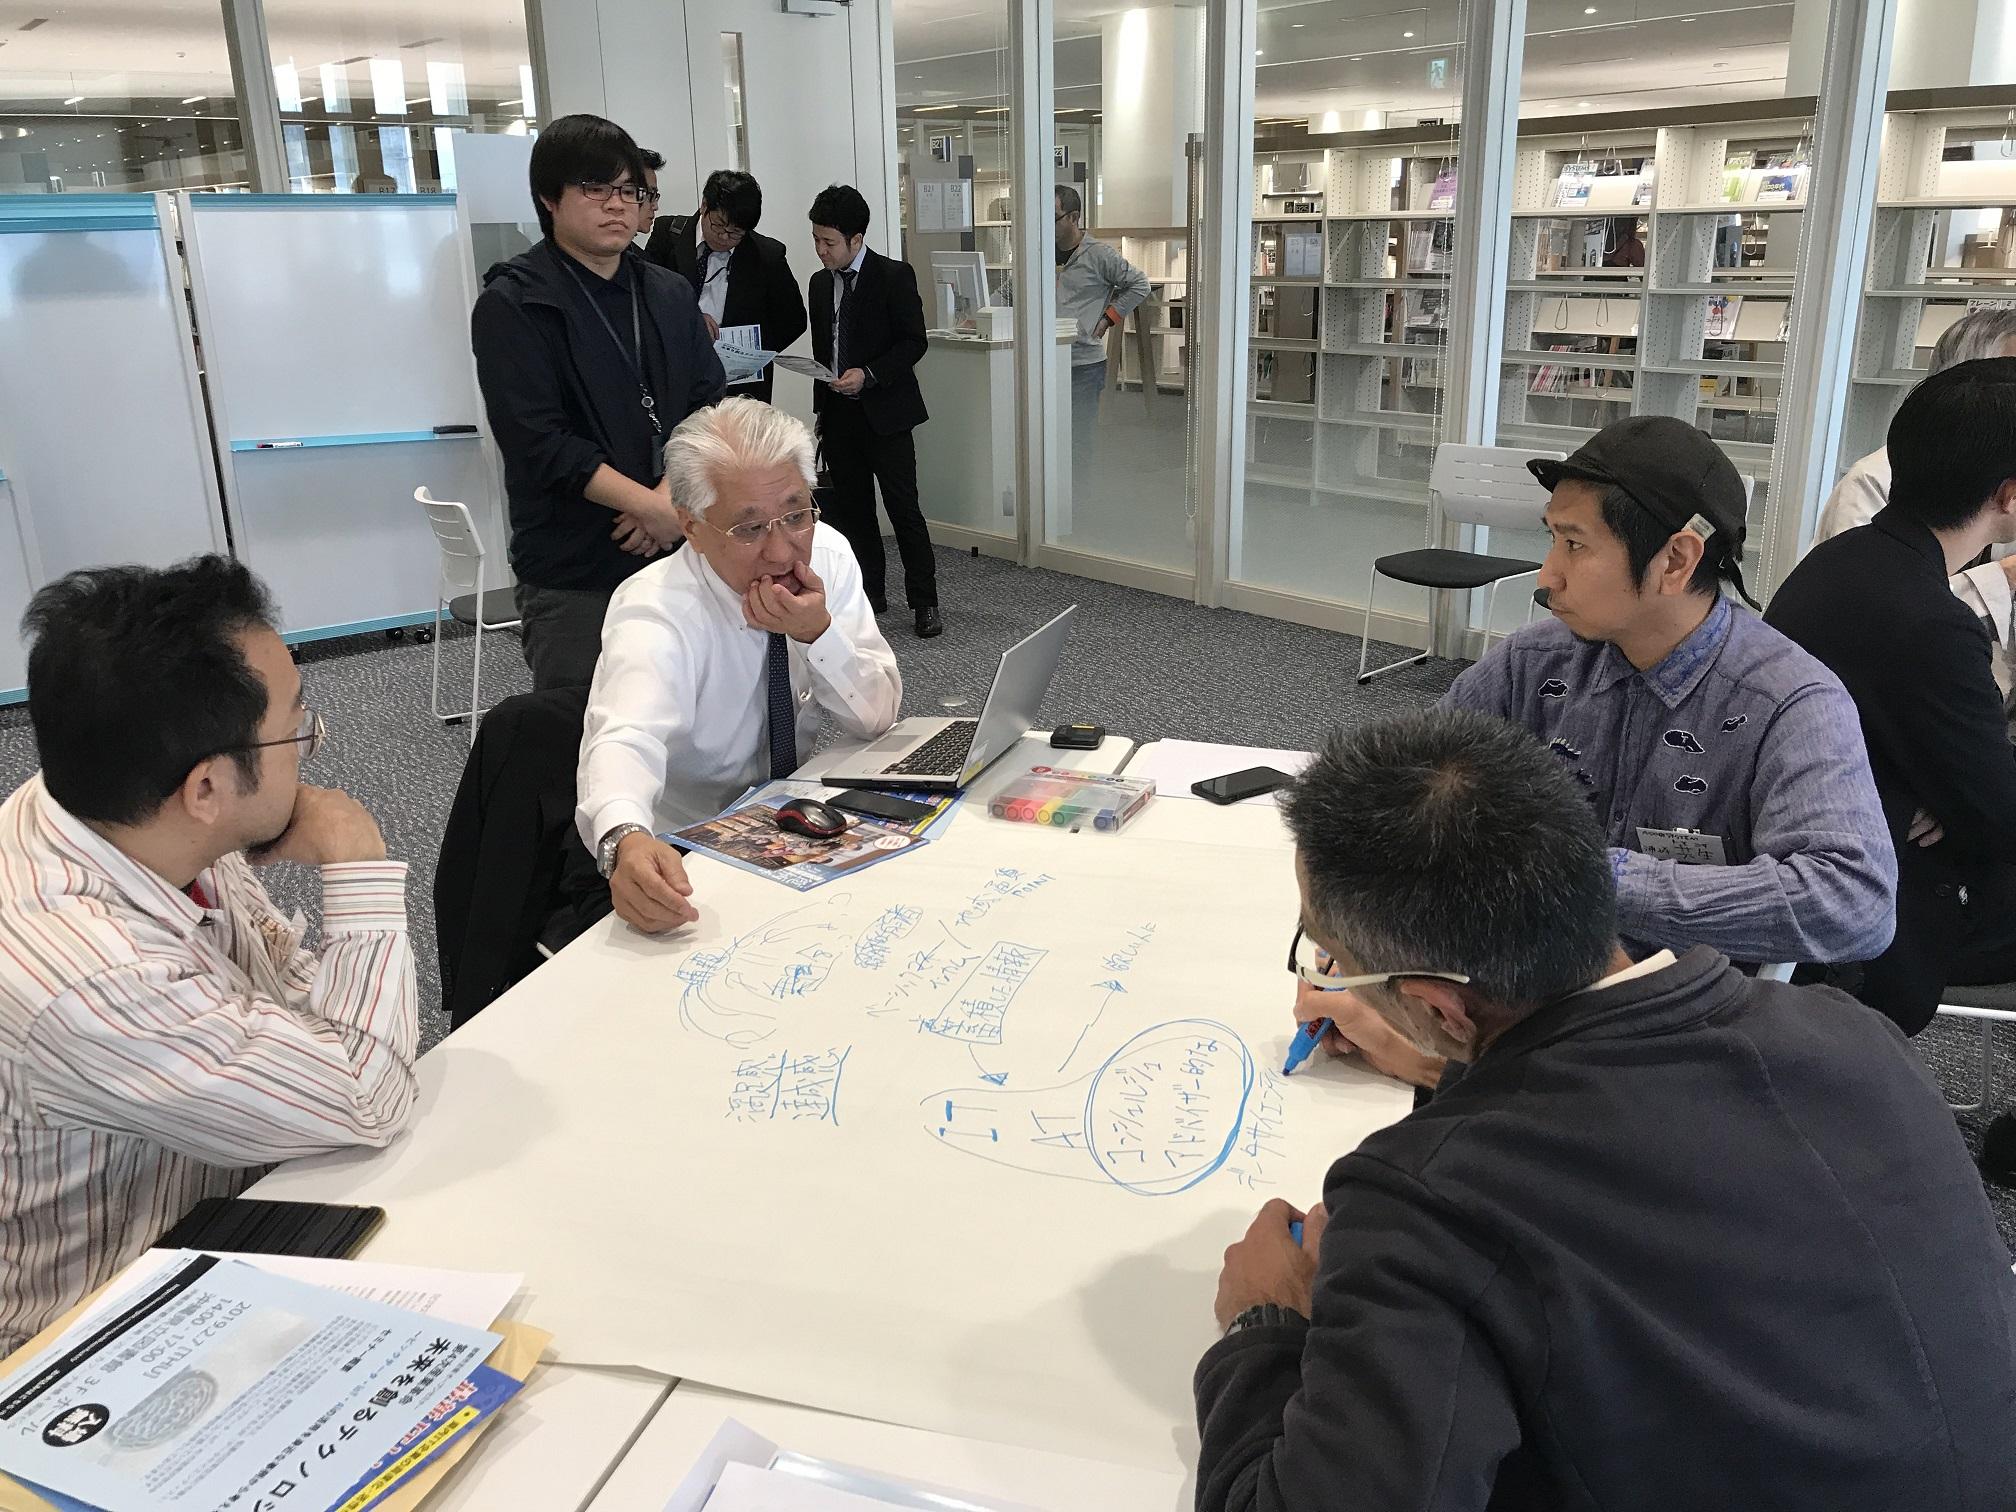 第8回フューチャーセッション「これからの沖縄におけるITビジネスの可能性」